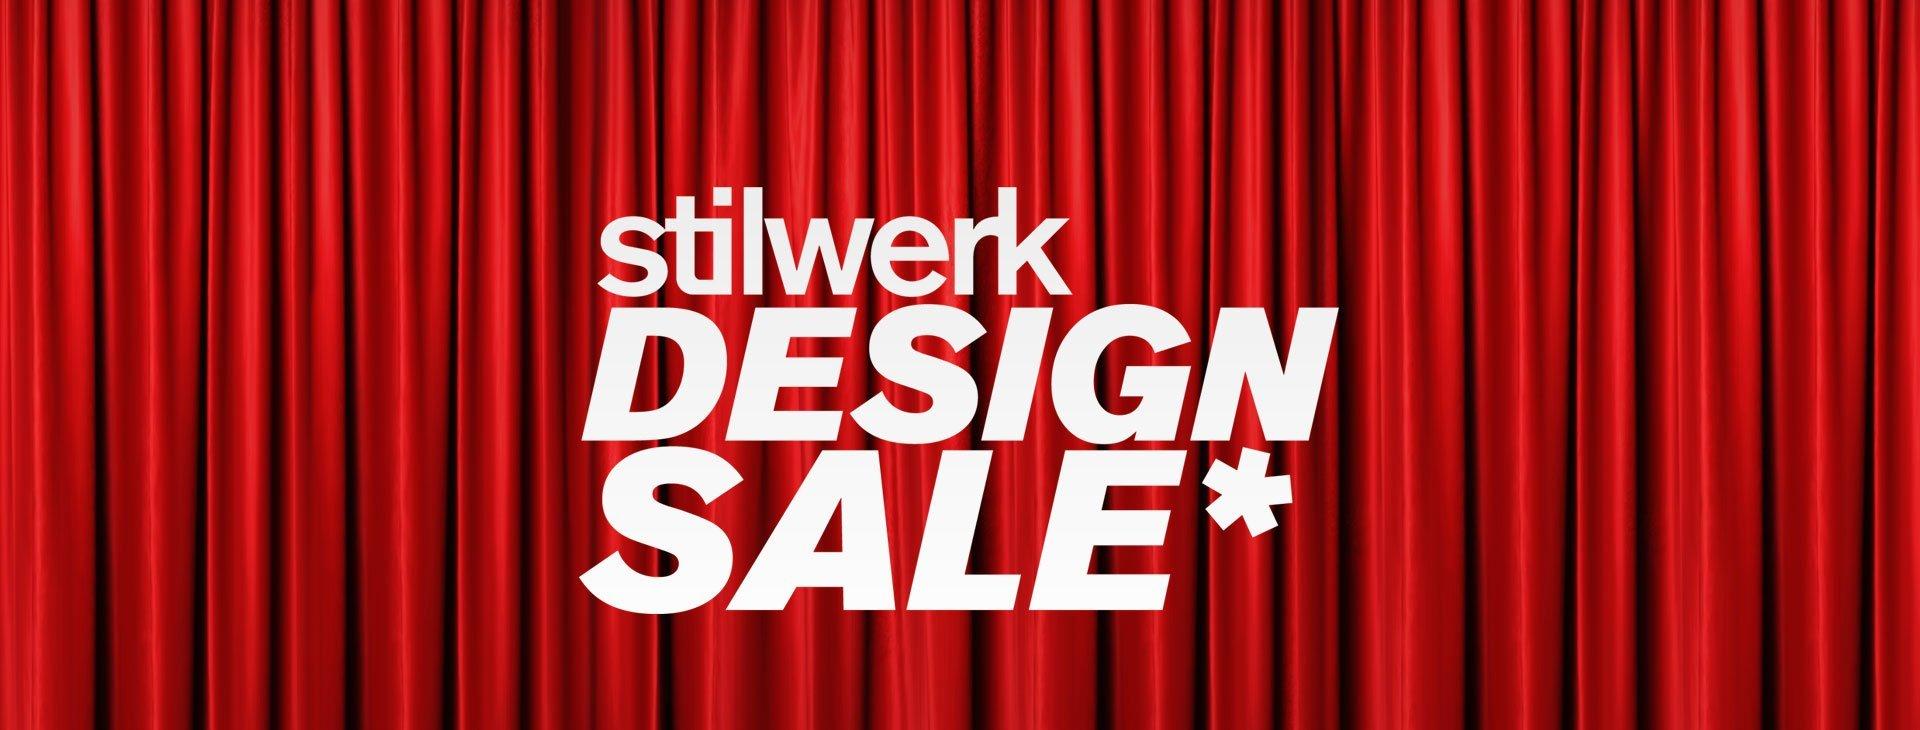 stilwerk_design_sale_stage_01